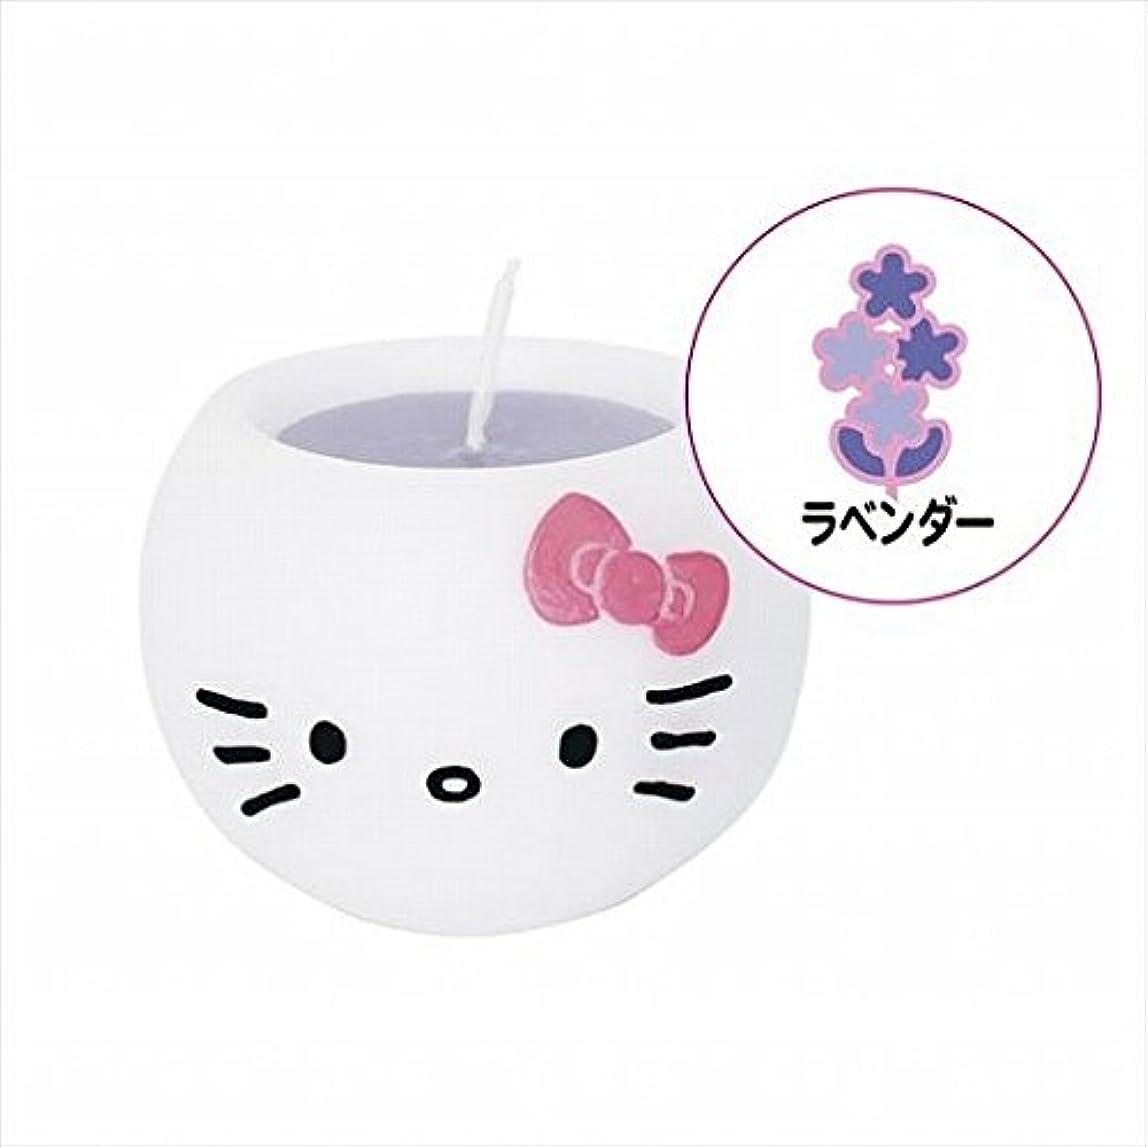 クーポンなめる事前にkameyama candle(カメヤマキャンドル) ハローキティアロマキャンドル 「 ラベンダー 」 キャンドル 58x58x45mm (A6980520)